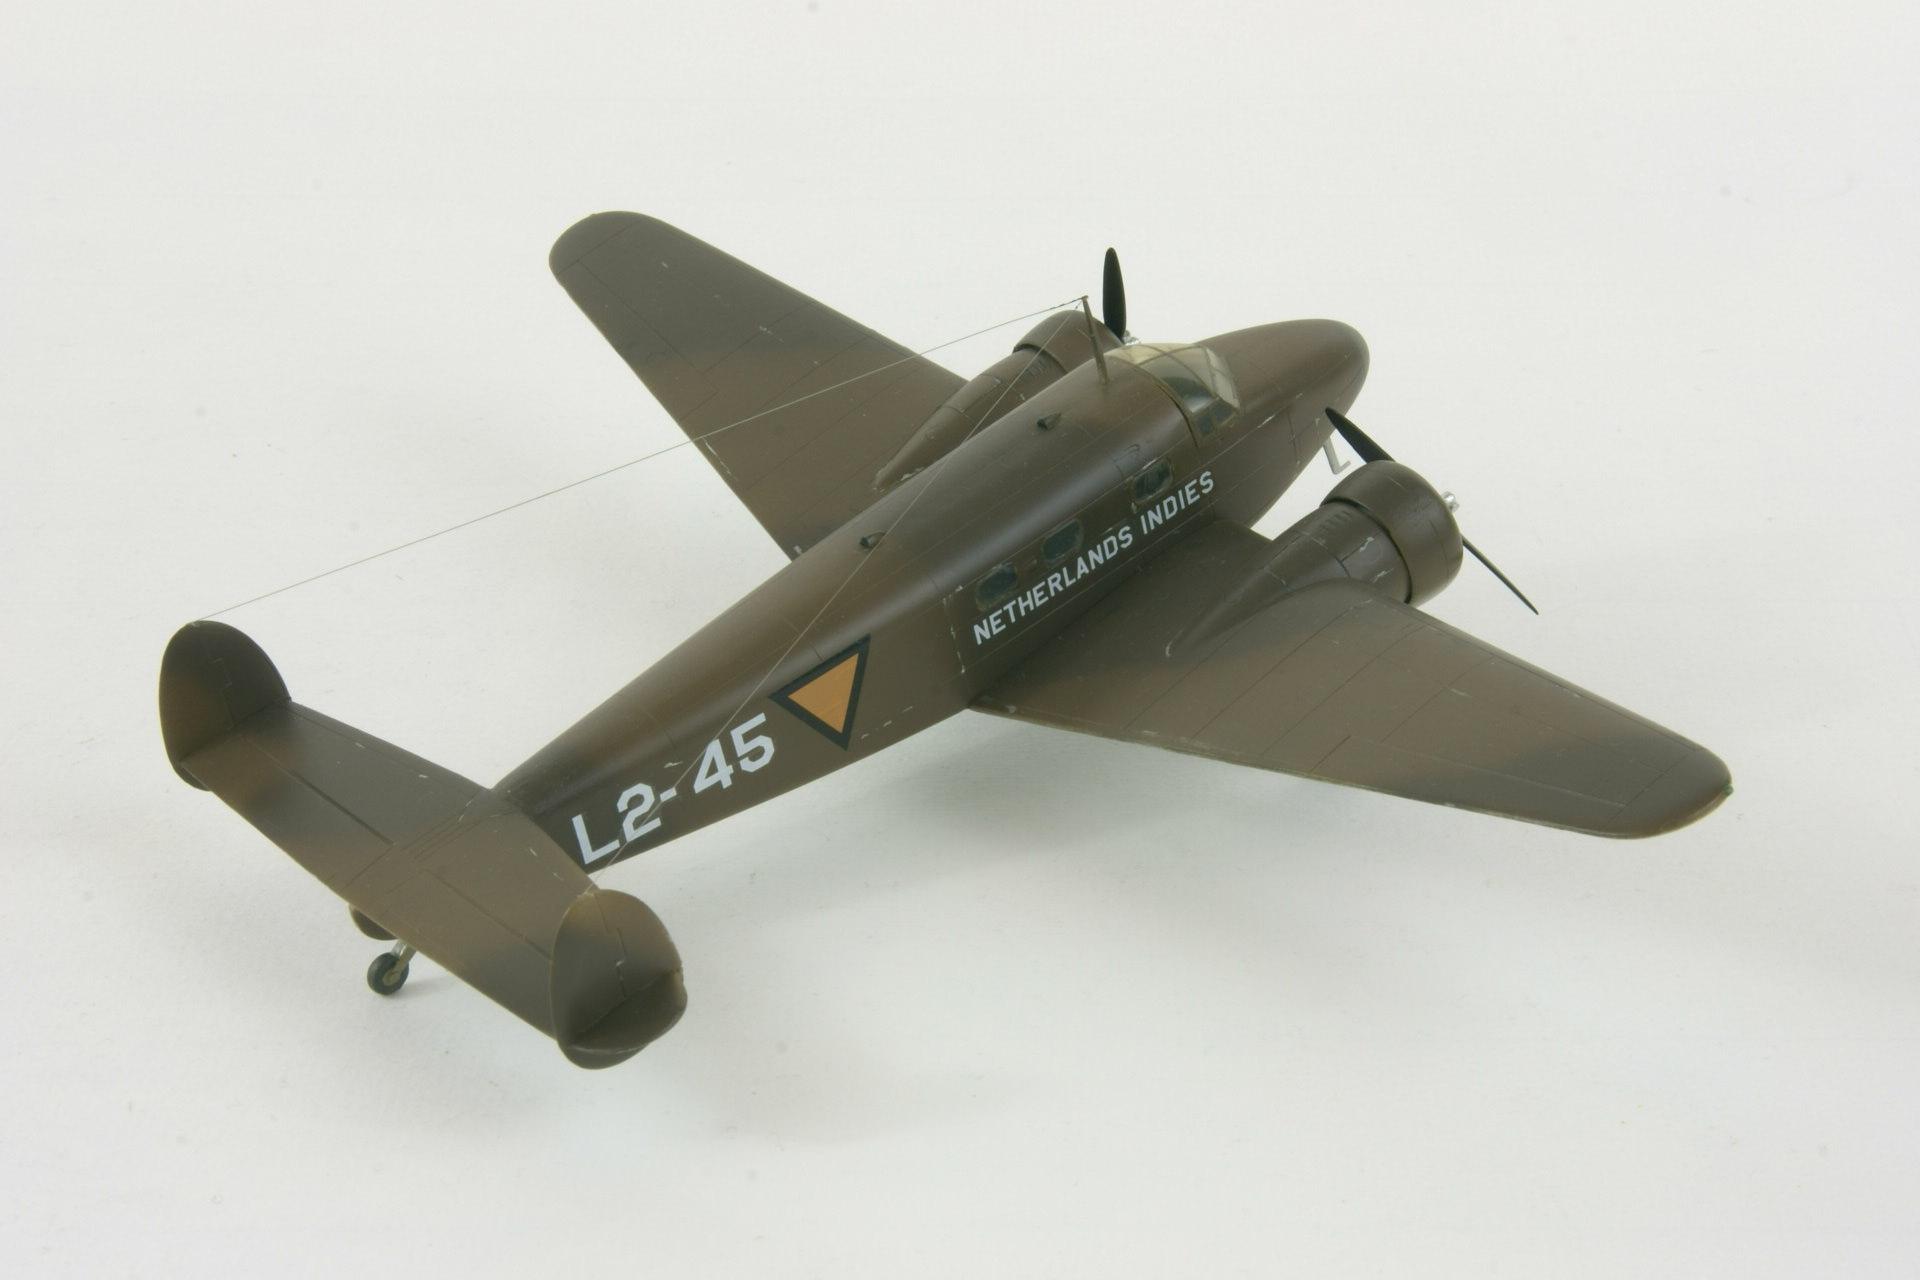 Lockheed 12 26 3 2